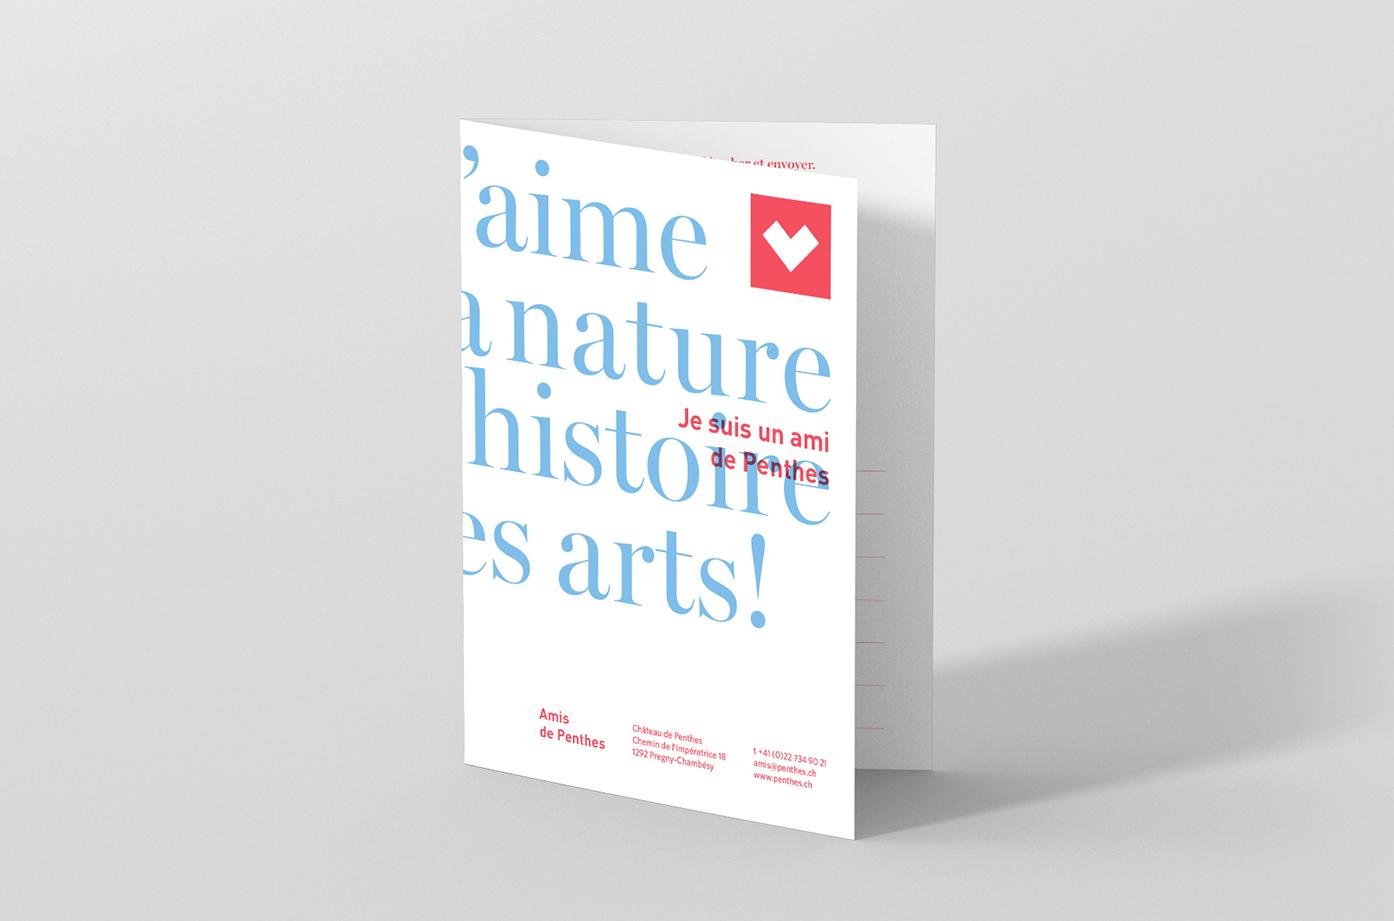 Identite-Musee-Penthes-Dépliant-Atelier-Sophie-Jaton